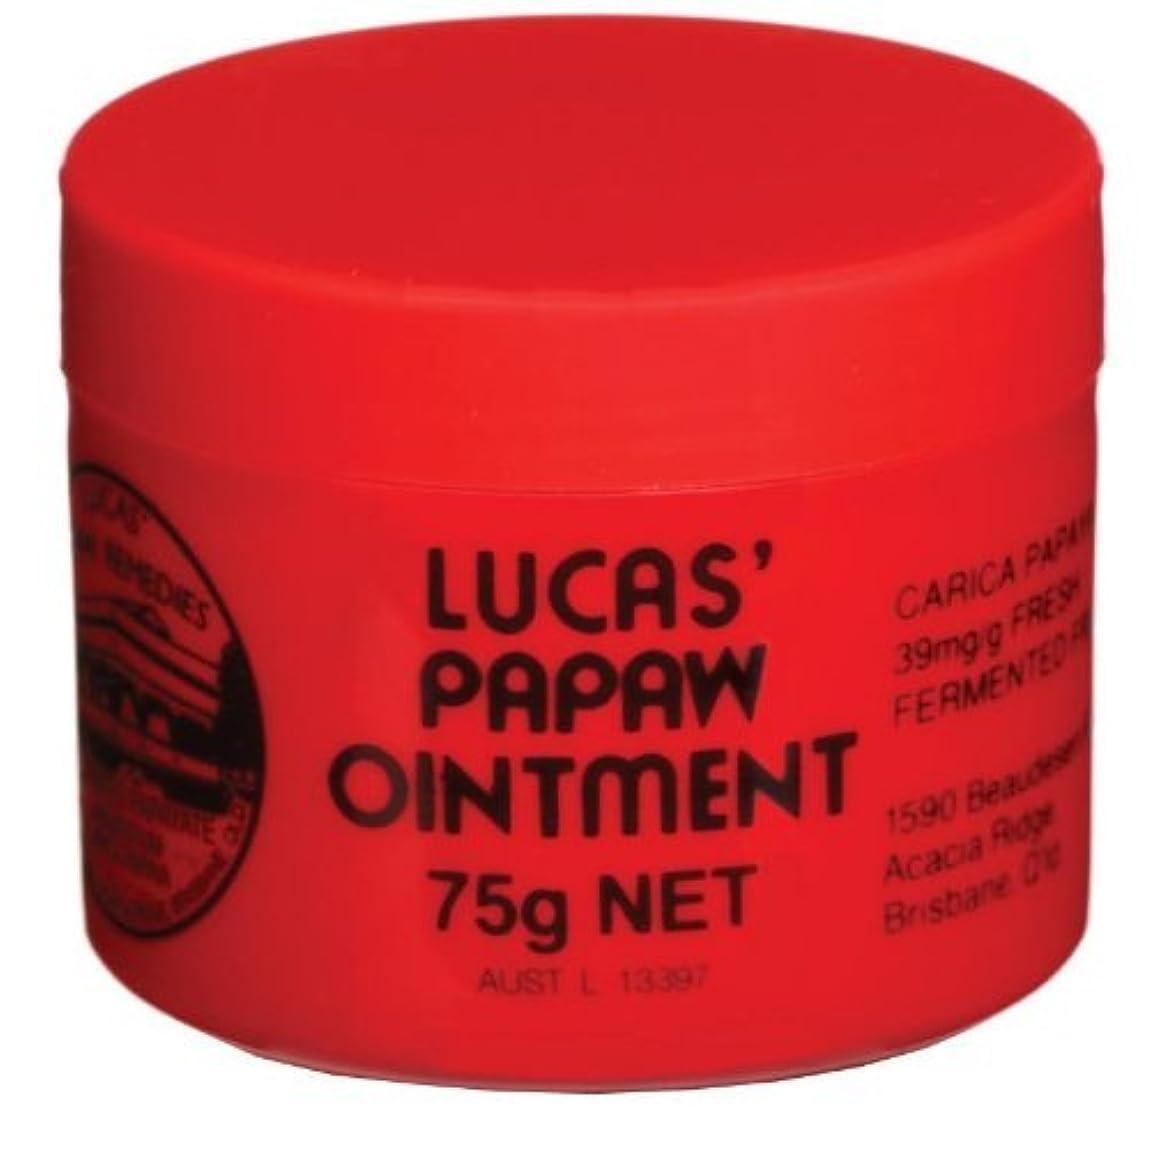 アプト曖昧な積極的に[Lucas' Papaw Ointment] ルーカスポーポークリーム 75g